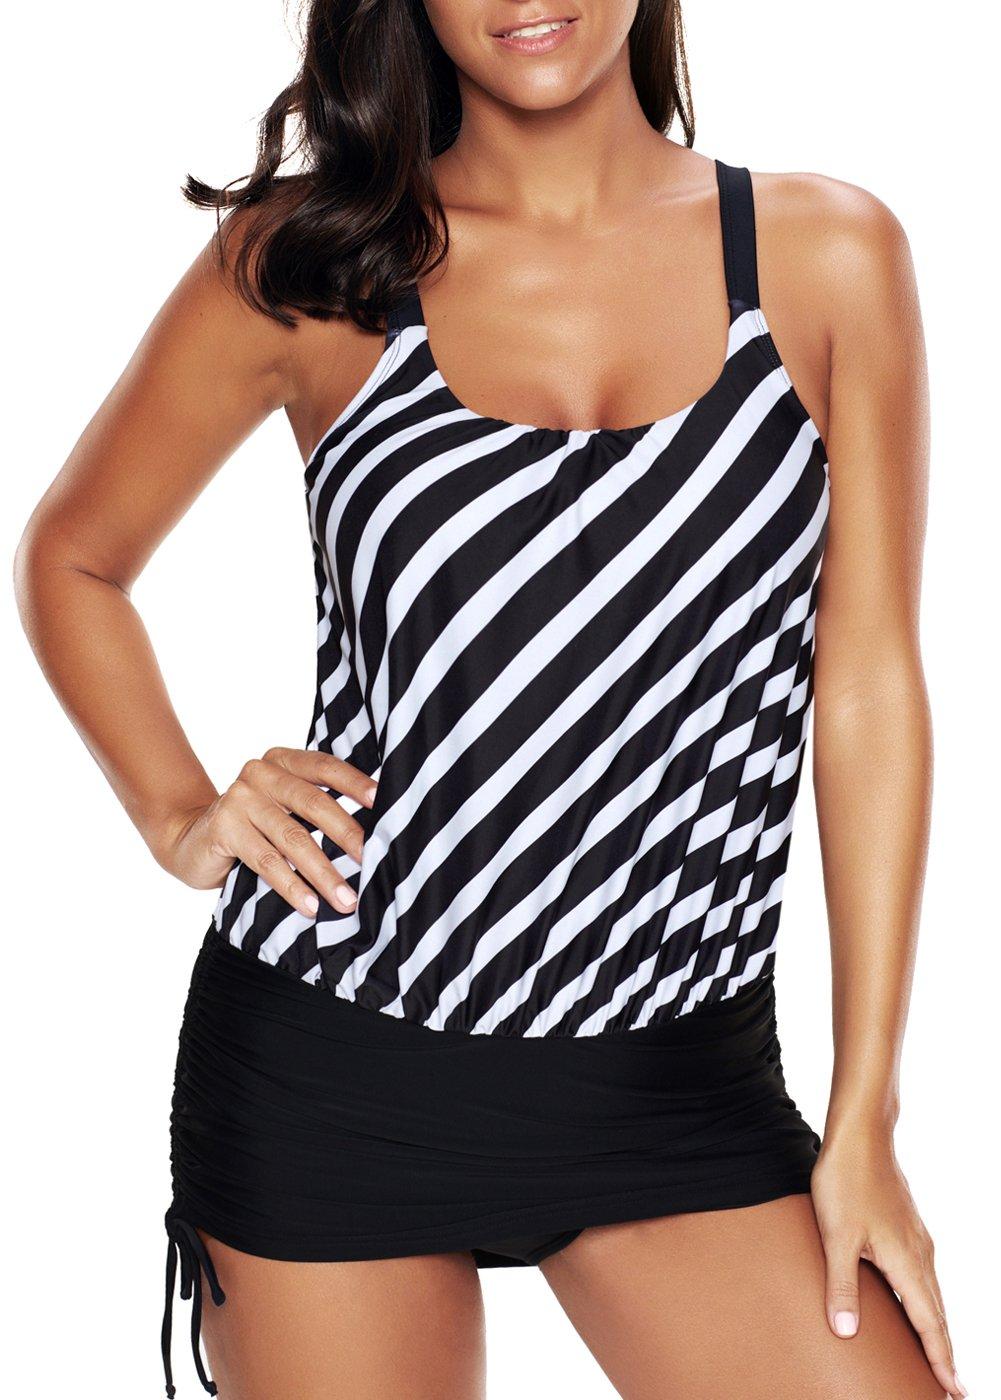 Papaya wear One Piece Stripe Swimwear Tankini Top with Bottom for Women L